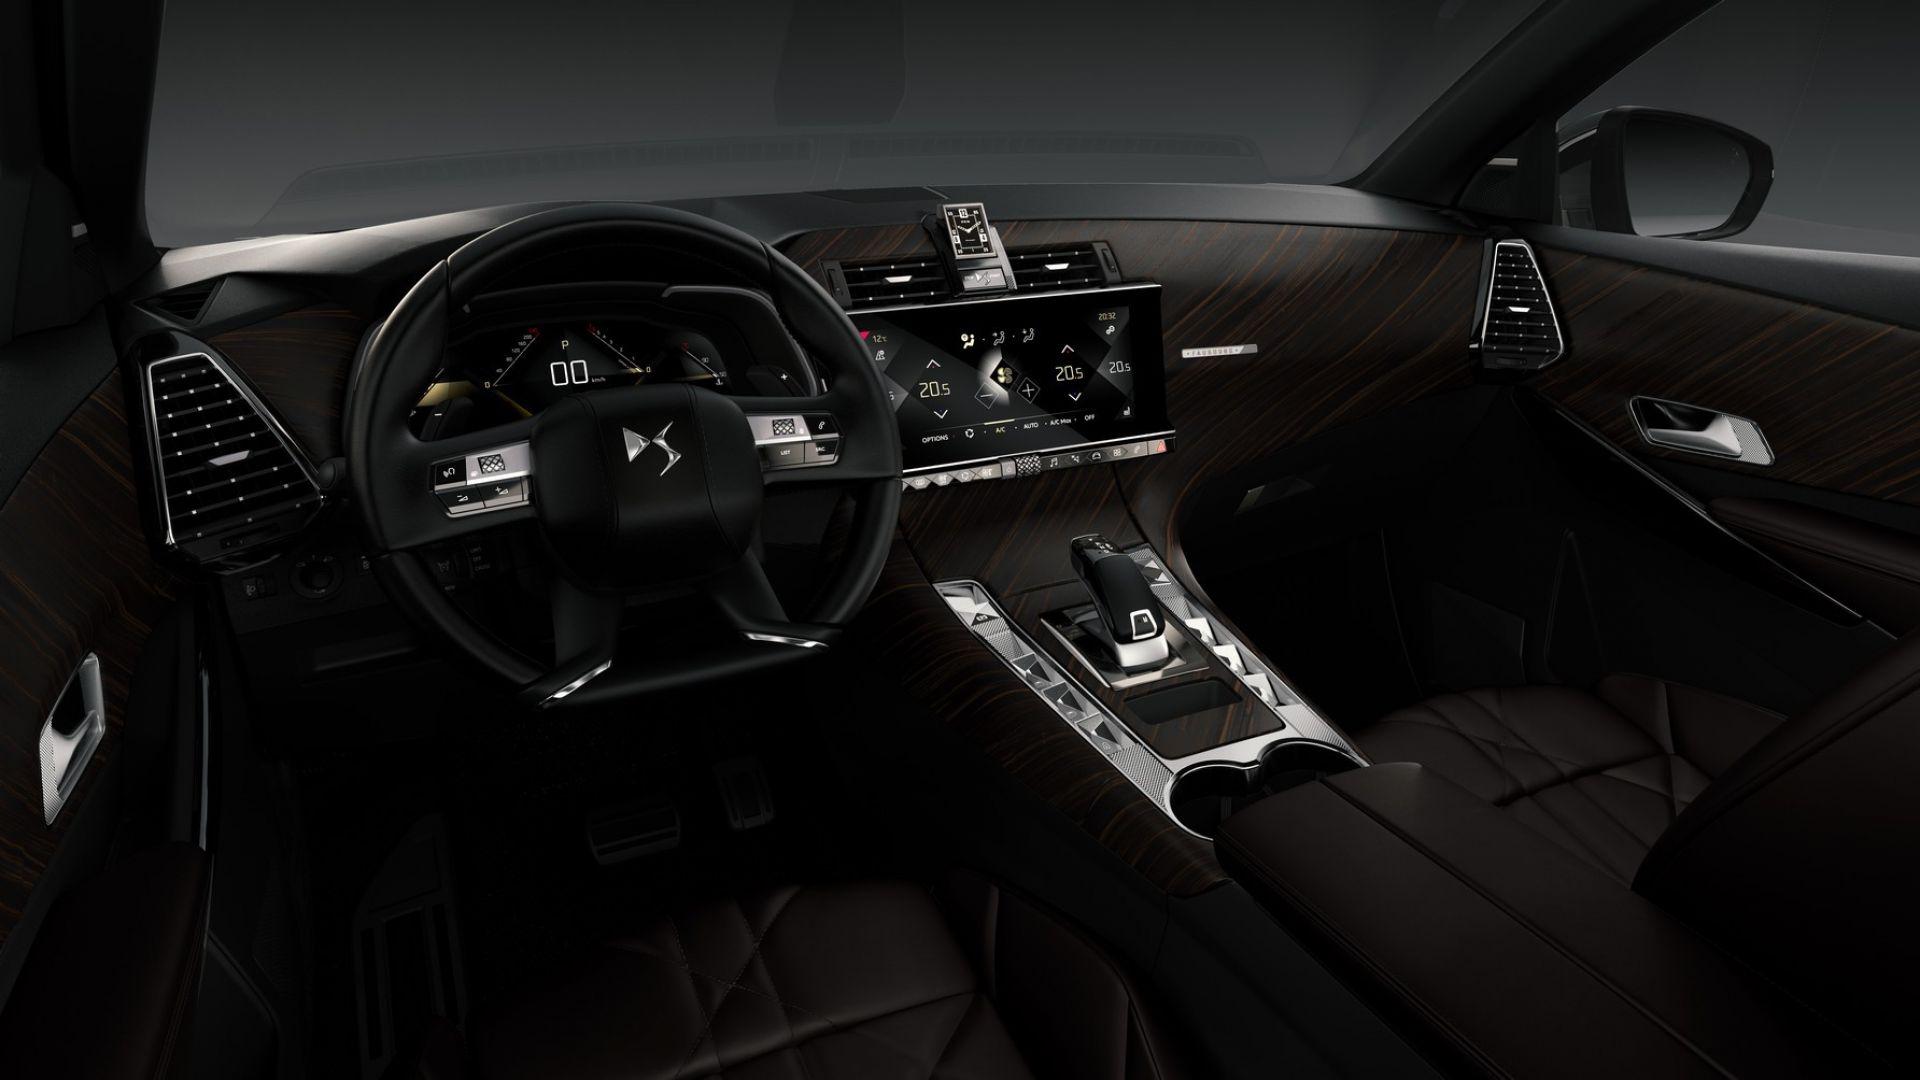 ds automobiles con ds7 crossback il brand premium di psa inaugura i ds store motorbox. Black Bedroom Furniture Sets. Home Design Ideas